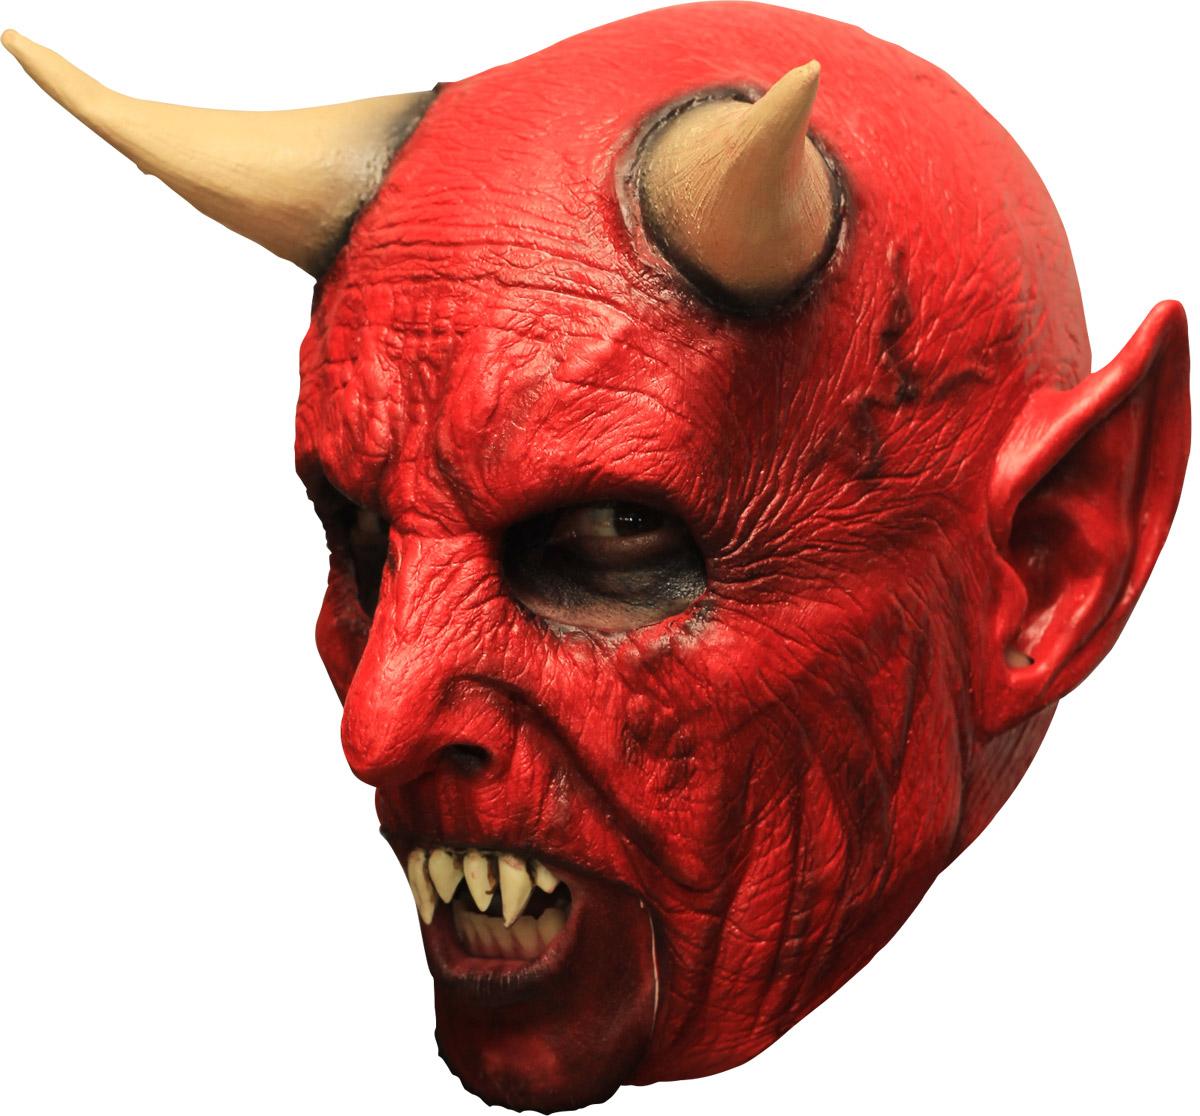 The Devil S Music De Maskers: Máscara 3/4 Demonio Rojo Con Cuernos Y Dientes: Máscaras,y